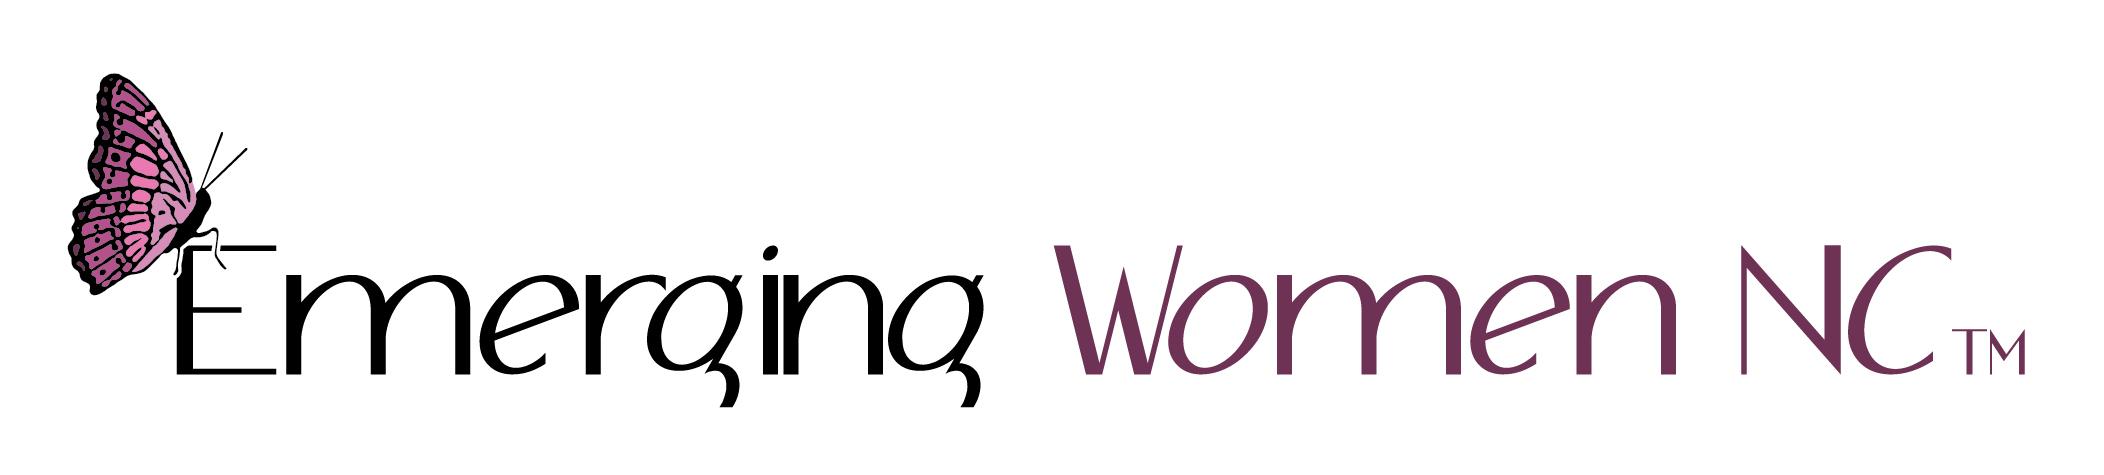 Emerging Women NC